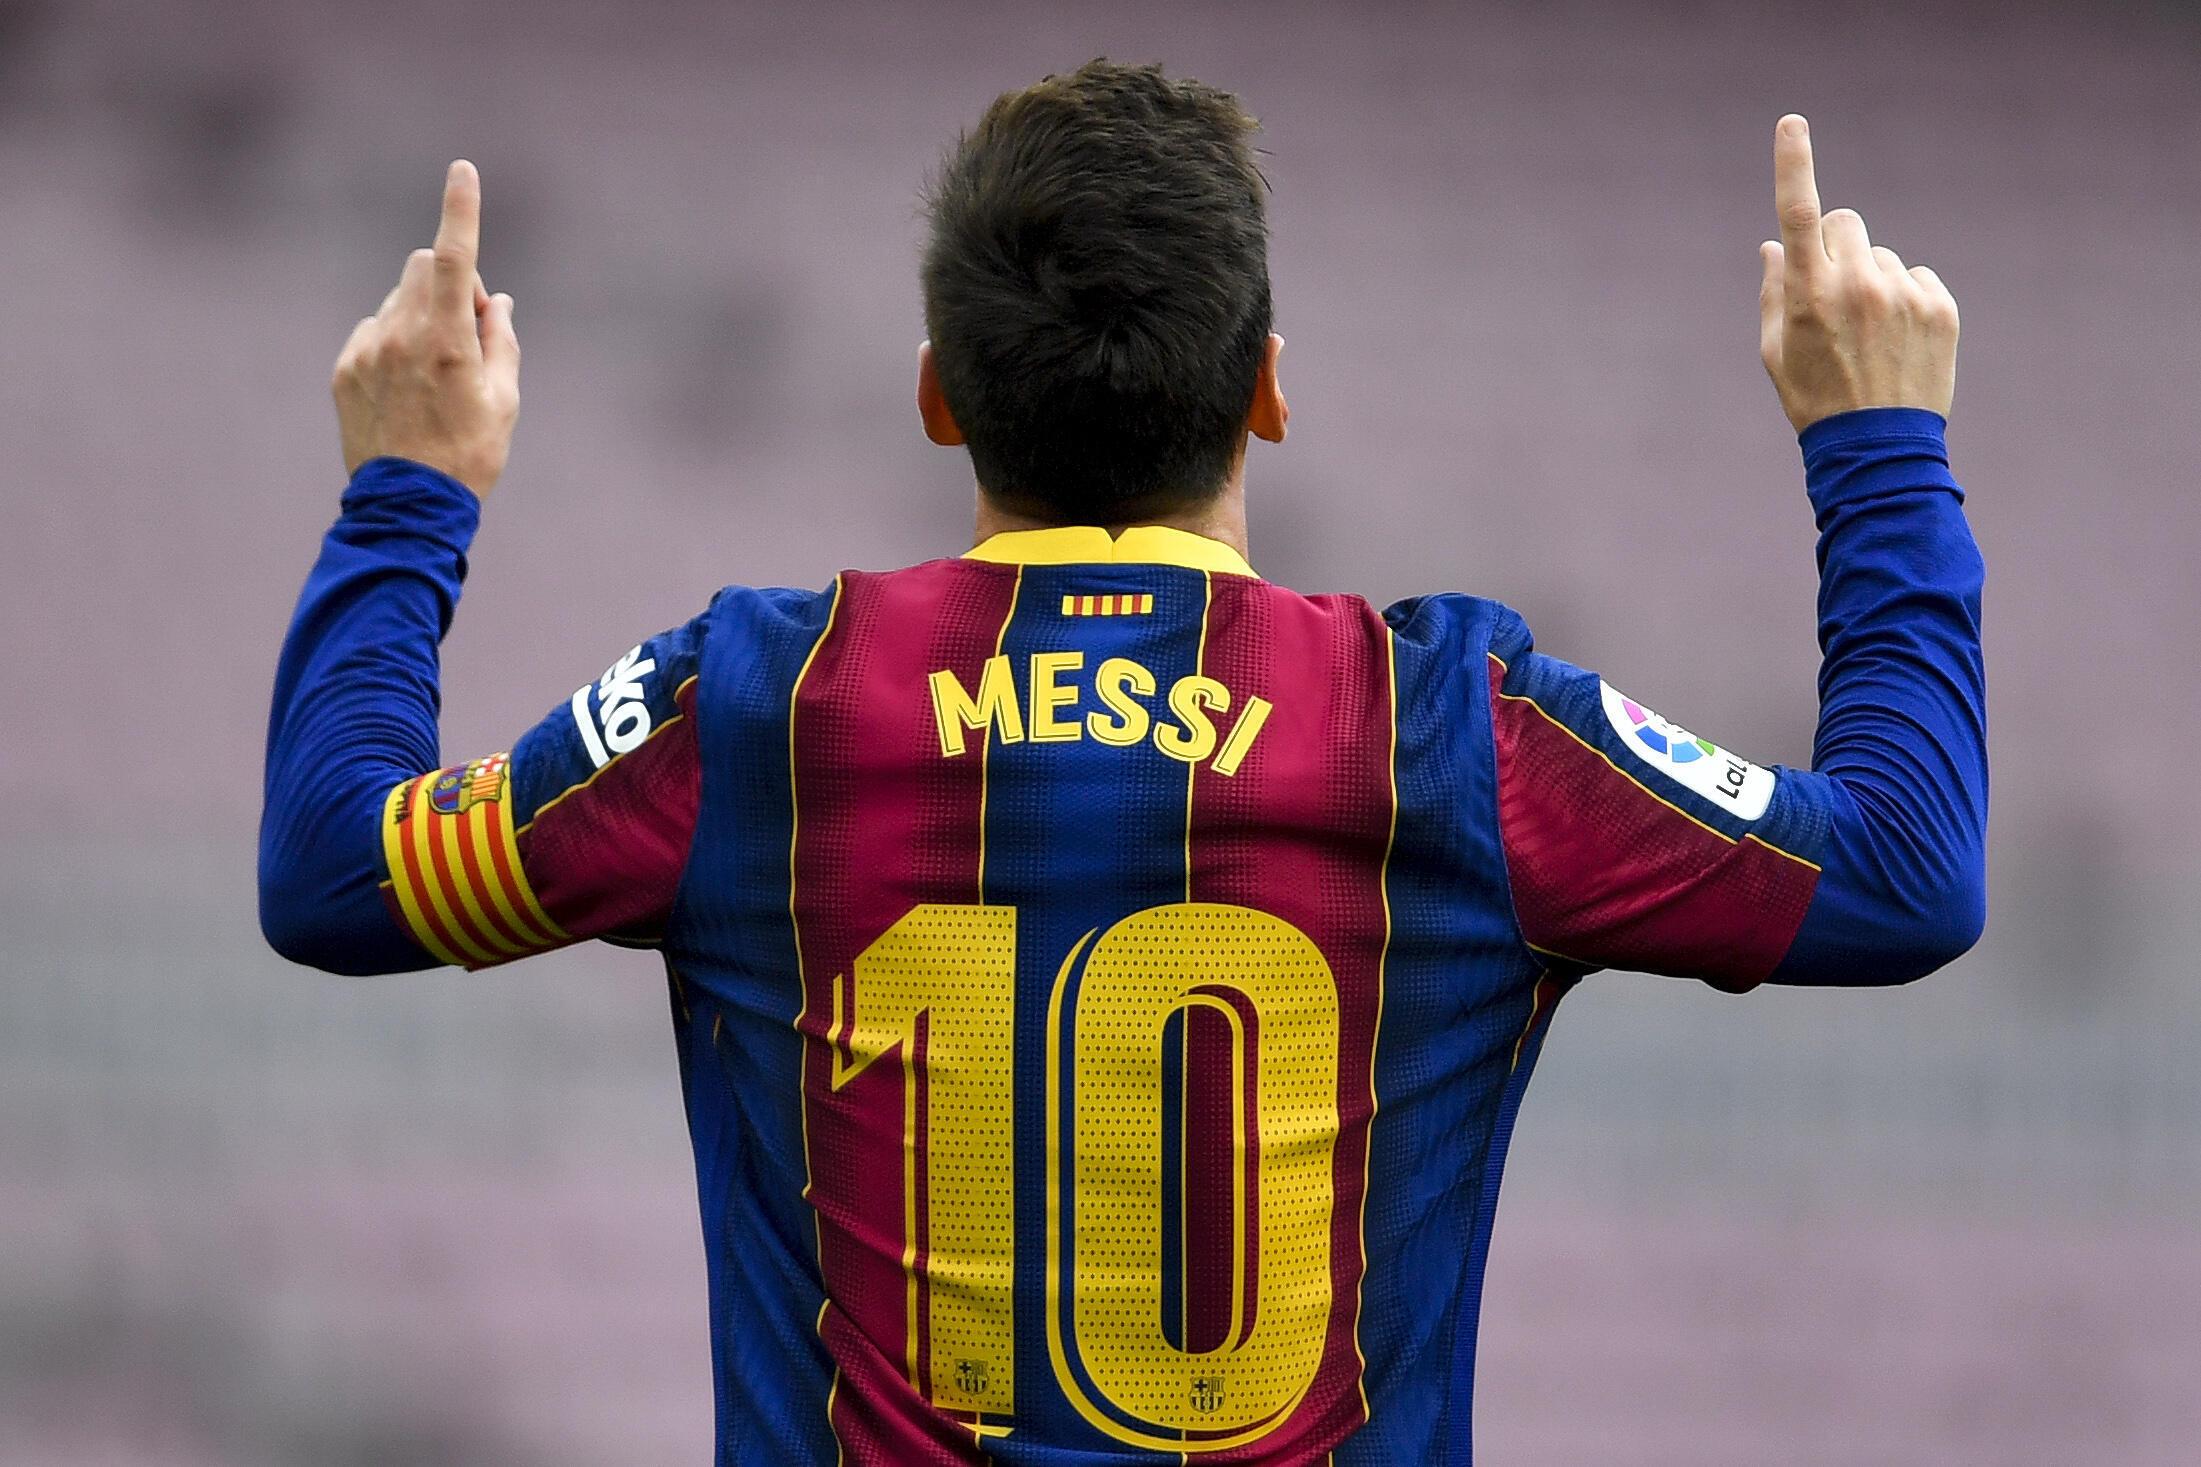 Foto tomada el 16 de mayo de 2021, muestra al delantero argentino del Barcelona Lionel Messi celebrando tras marcar un gol durante el partido de la Liga española ante el Celta de Vigo en el estadio Camp Nou de Barcelona, el 16 de mayo de 2021.